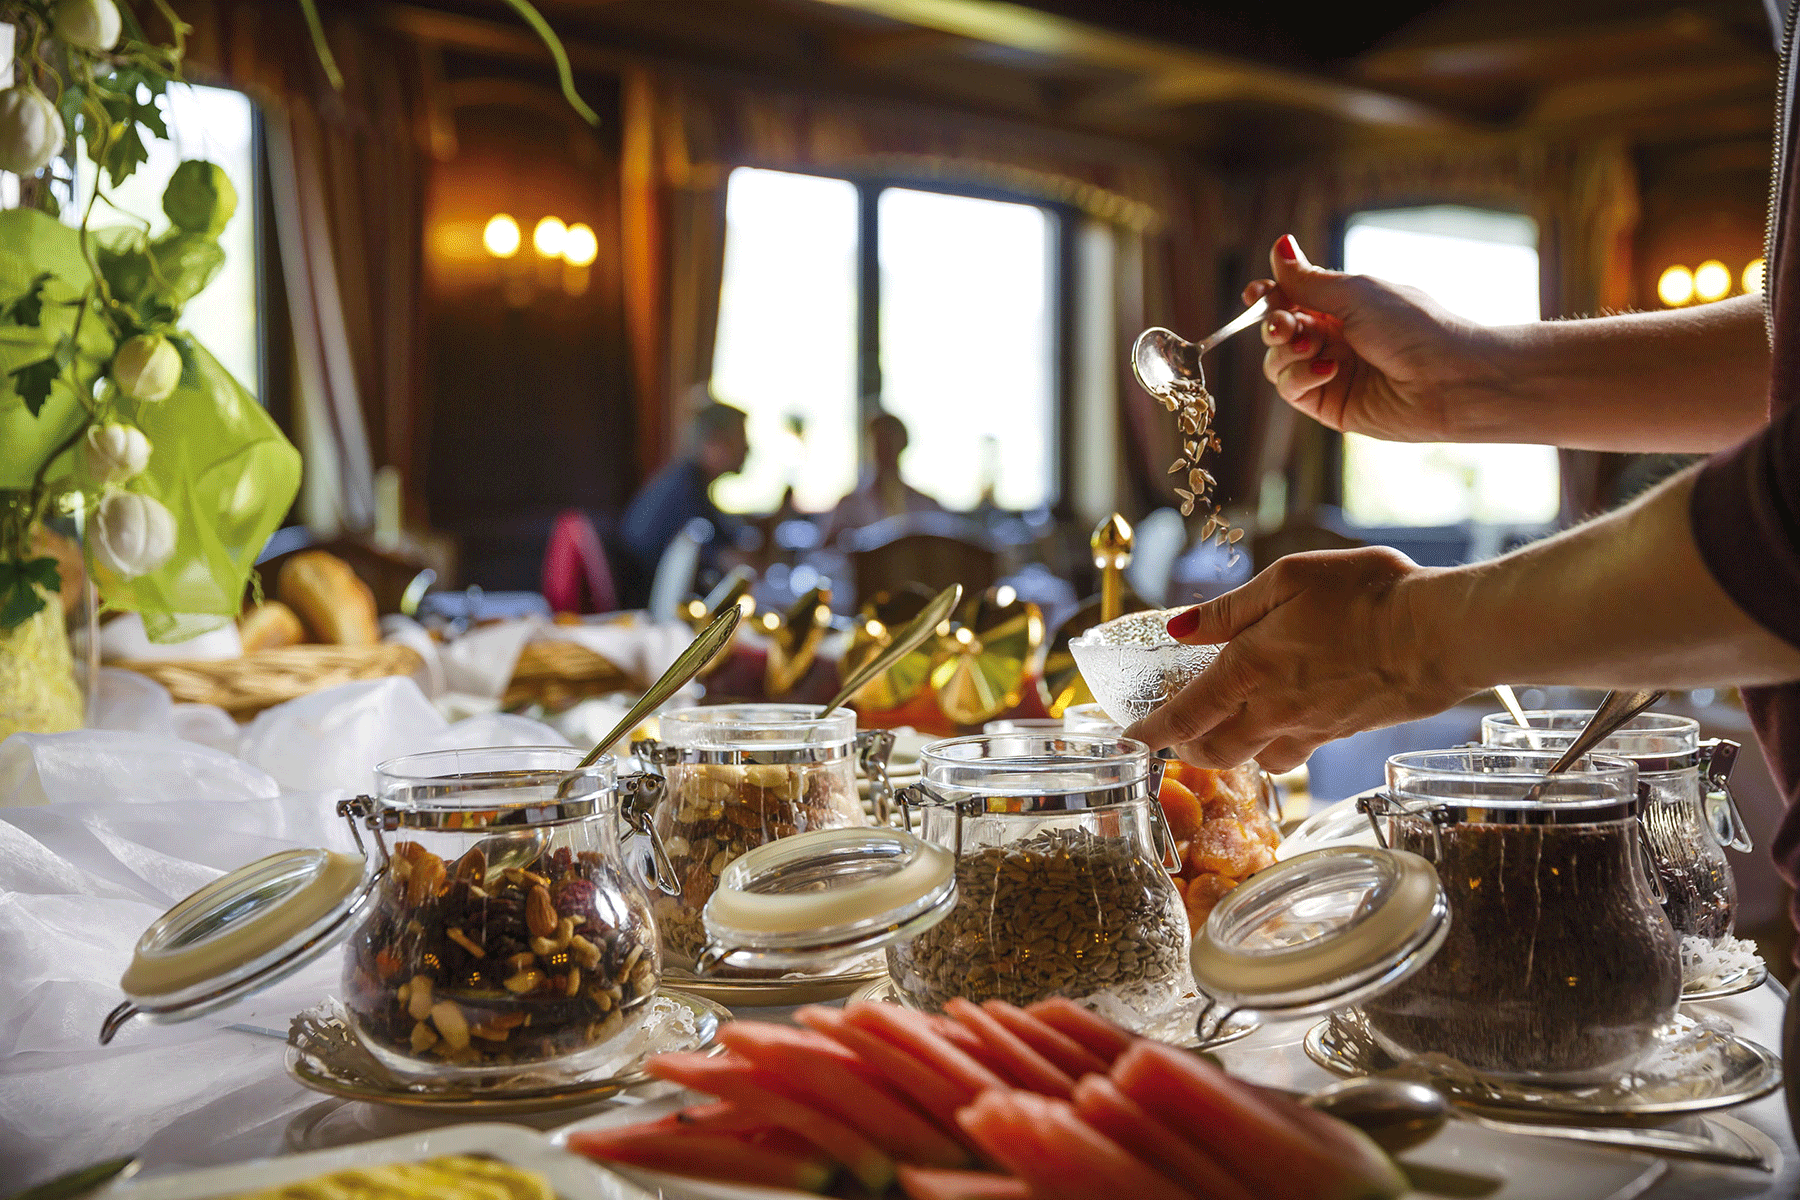 Frühstück Obst und Müsli im Hotel Tirol